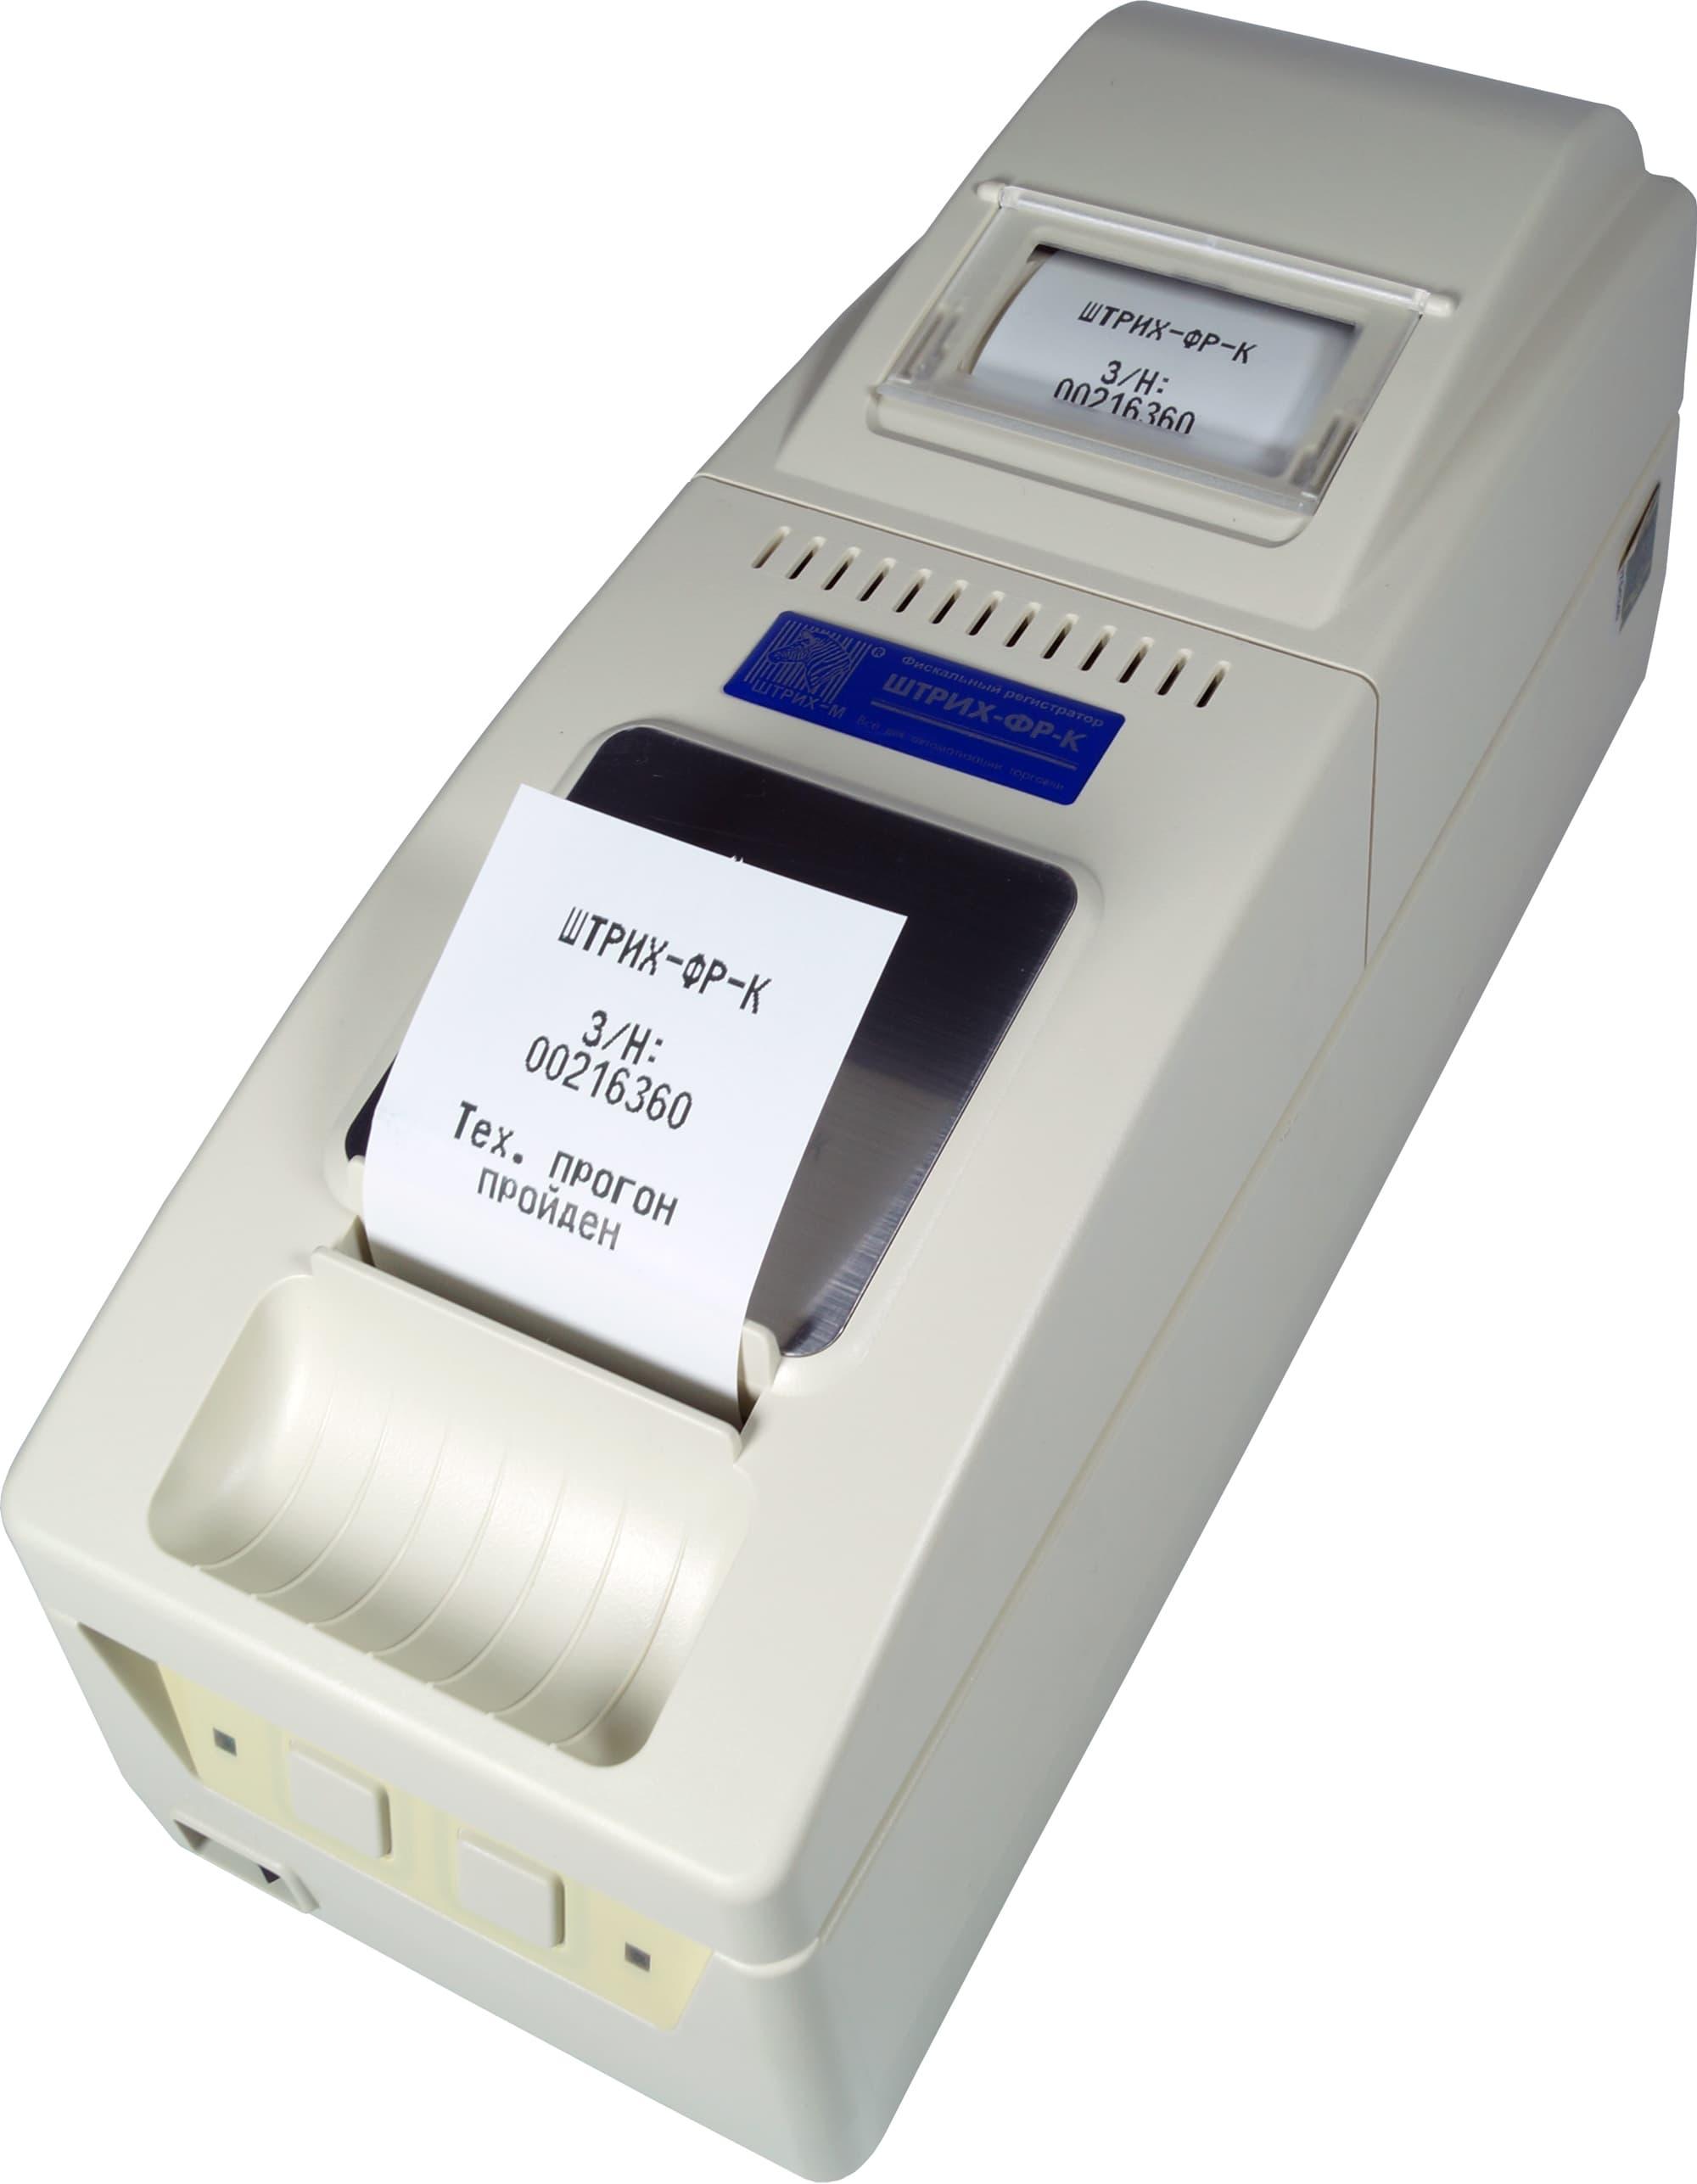 Кассовый аппарат купить без регистрации